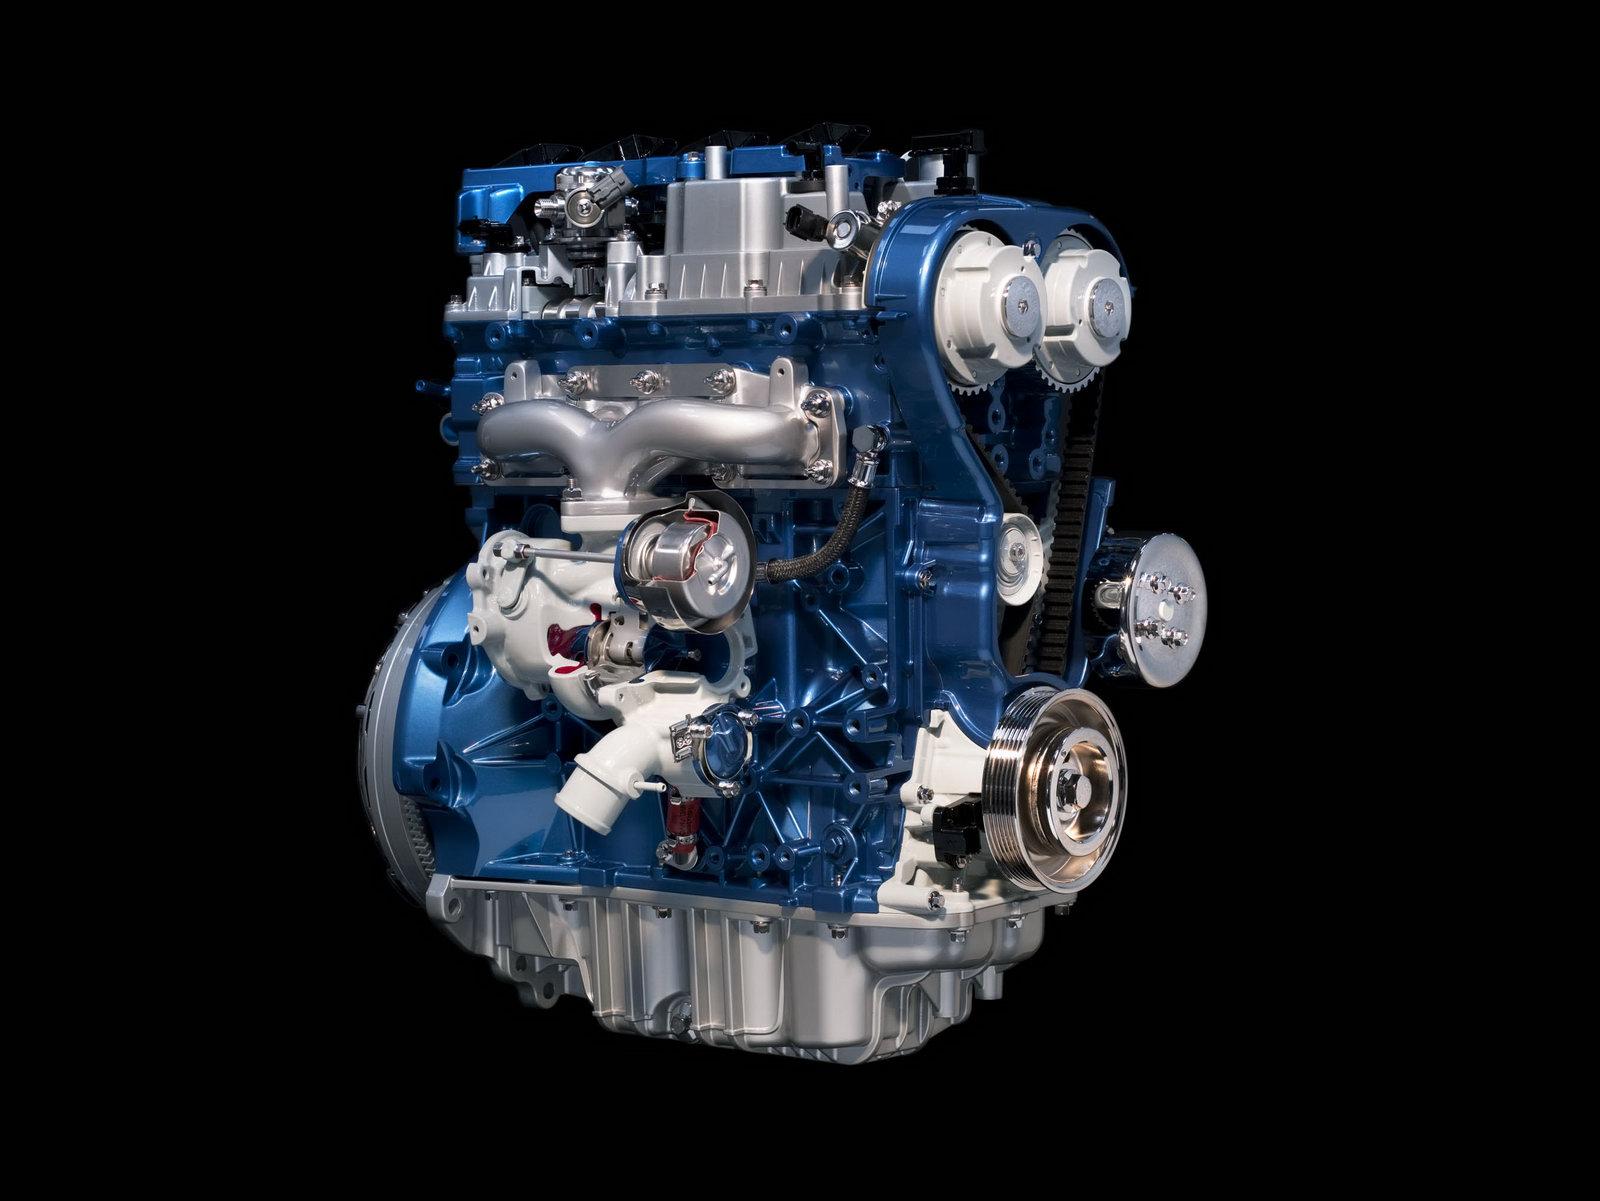 carscoop ford confirms 3 5 liter v6 ecoboost turbo for f 150 2 0 liter turbo for explorer and edge. Black Bedroom Furniture Sets. Home Design Ideas